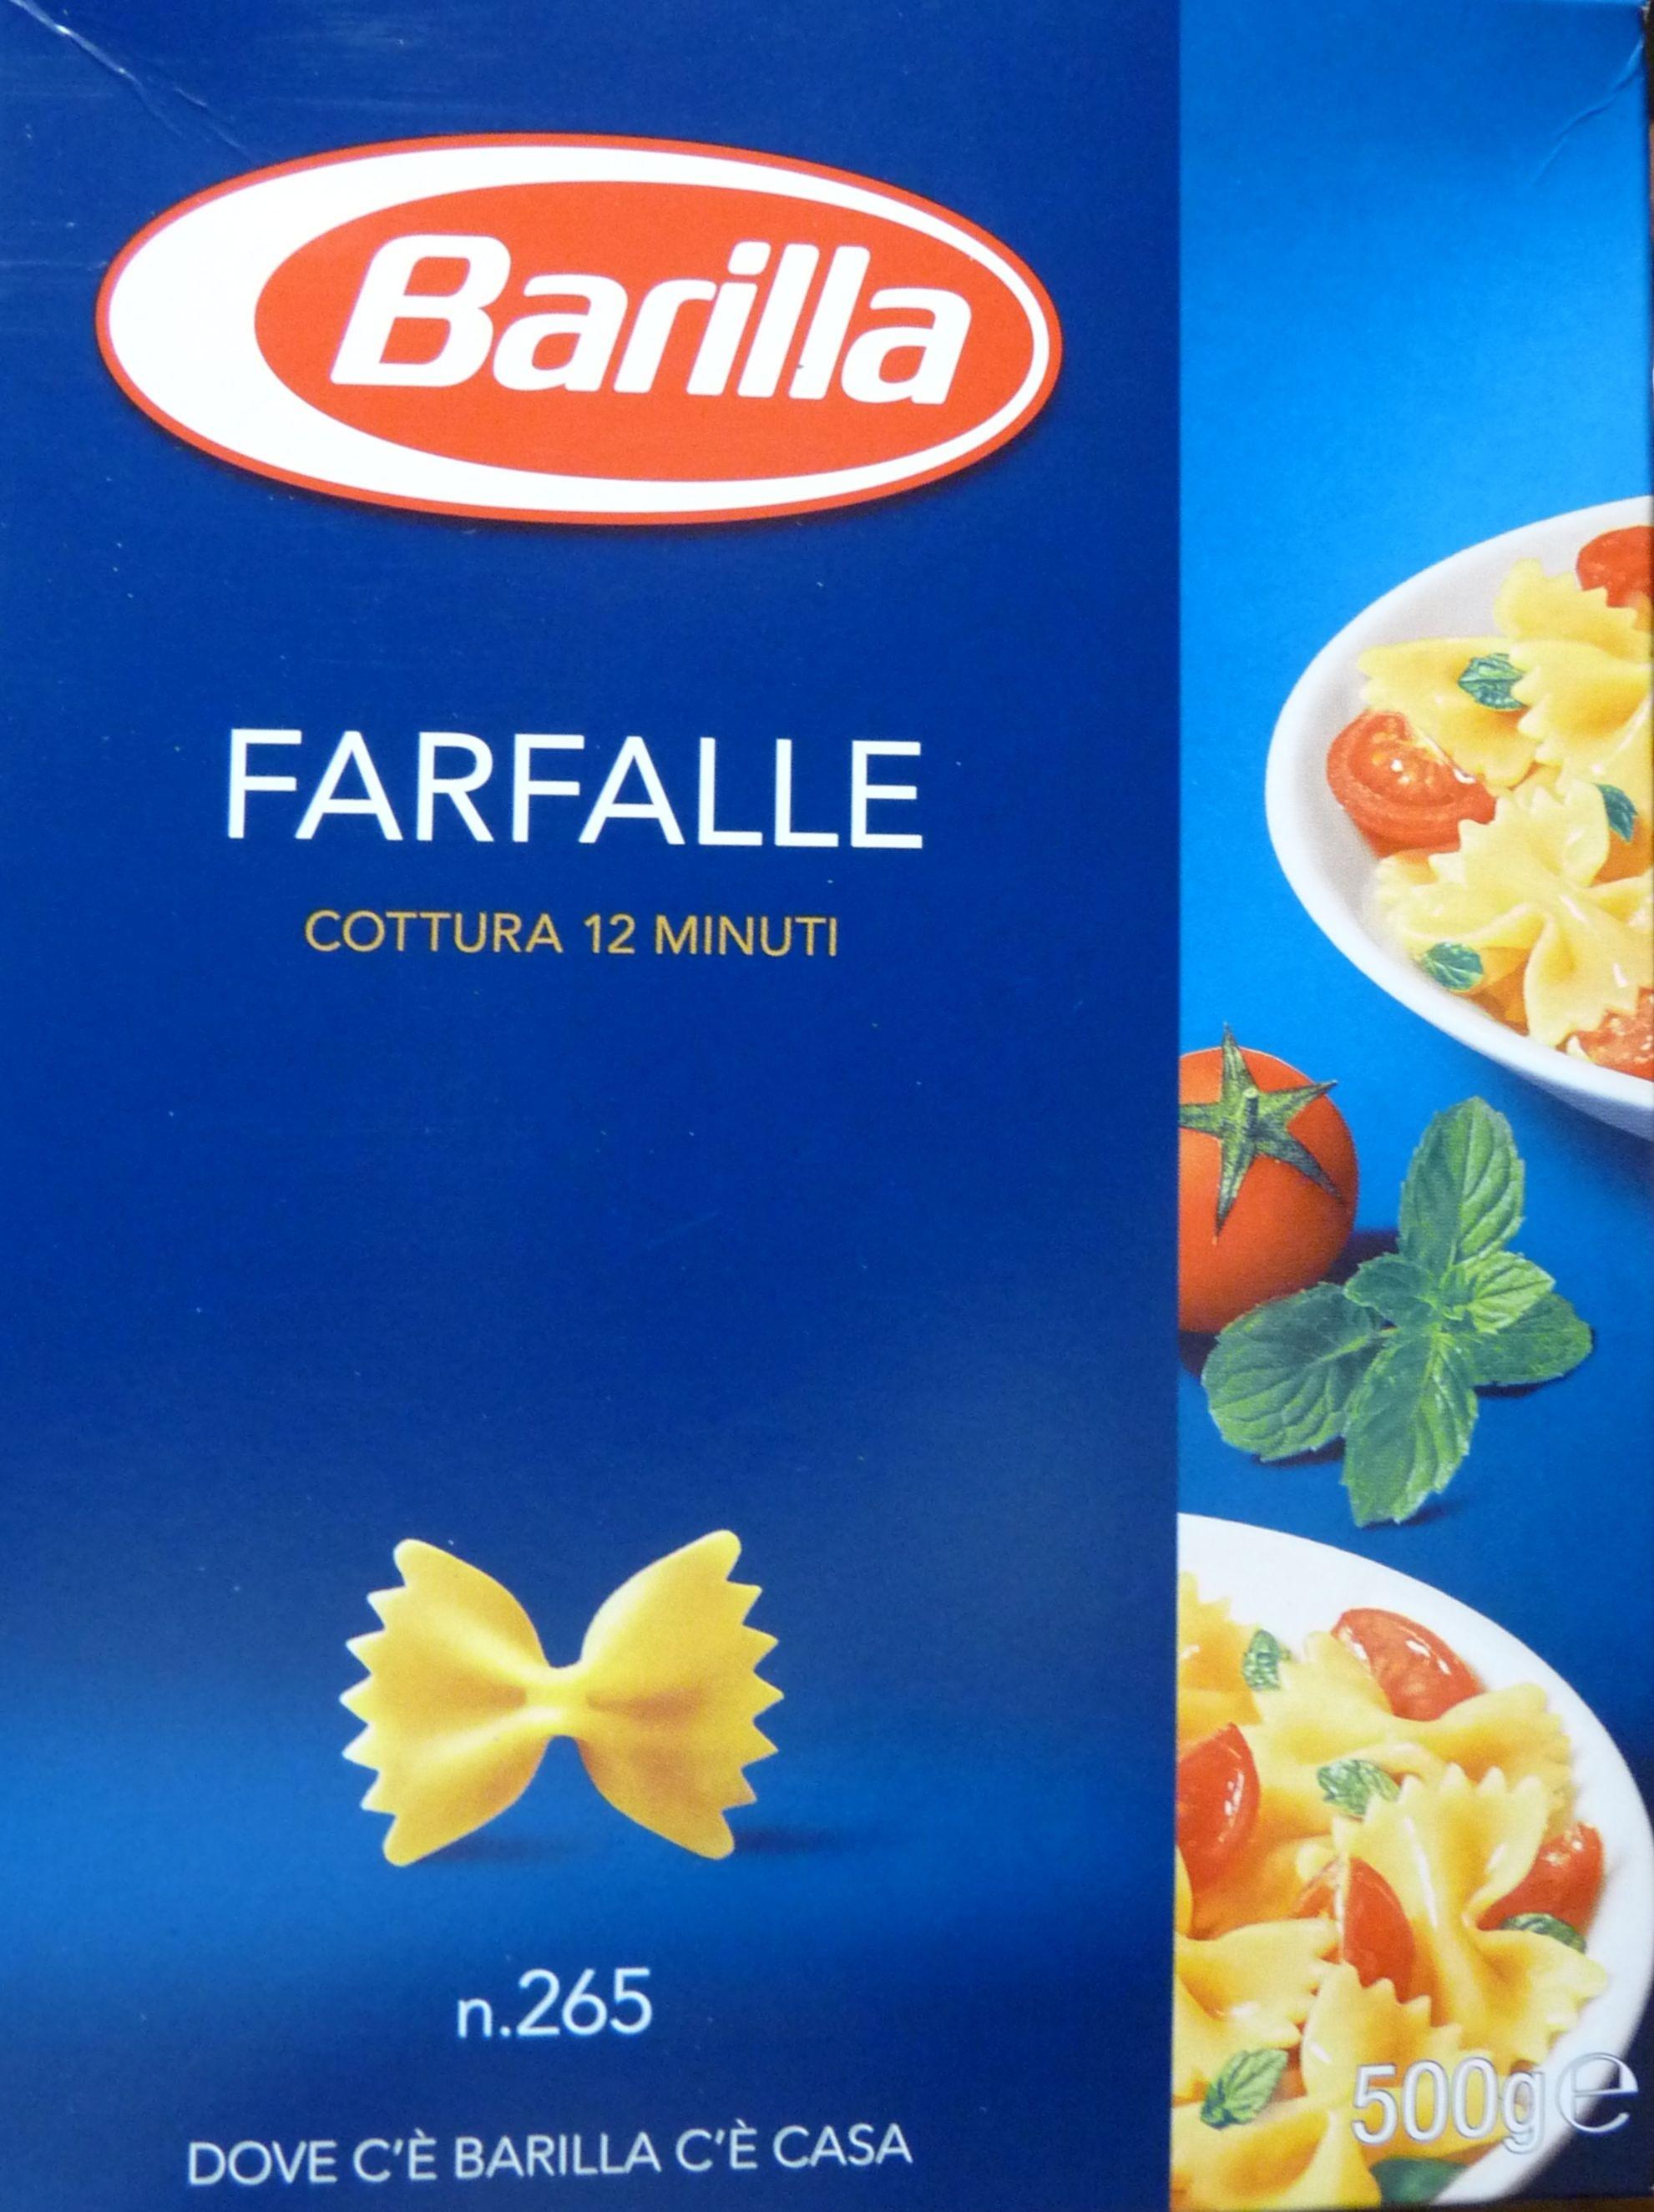 BARILLA FARFALLE Pasta di semola di grano duro - Product - it